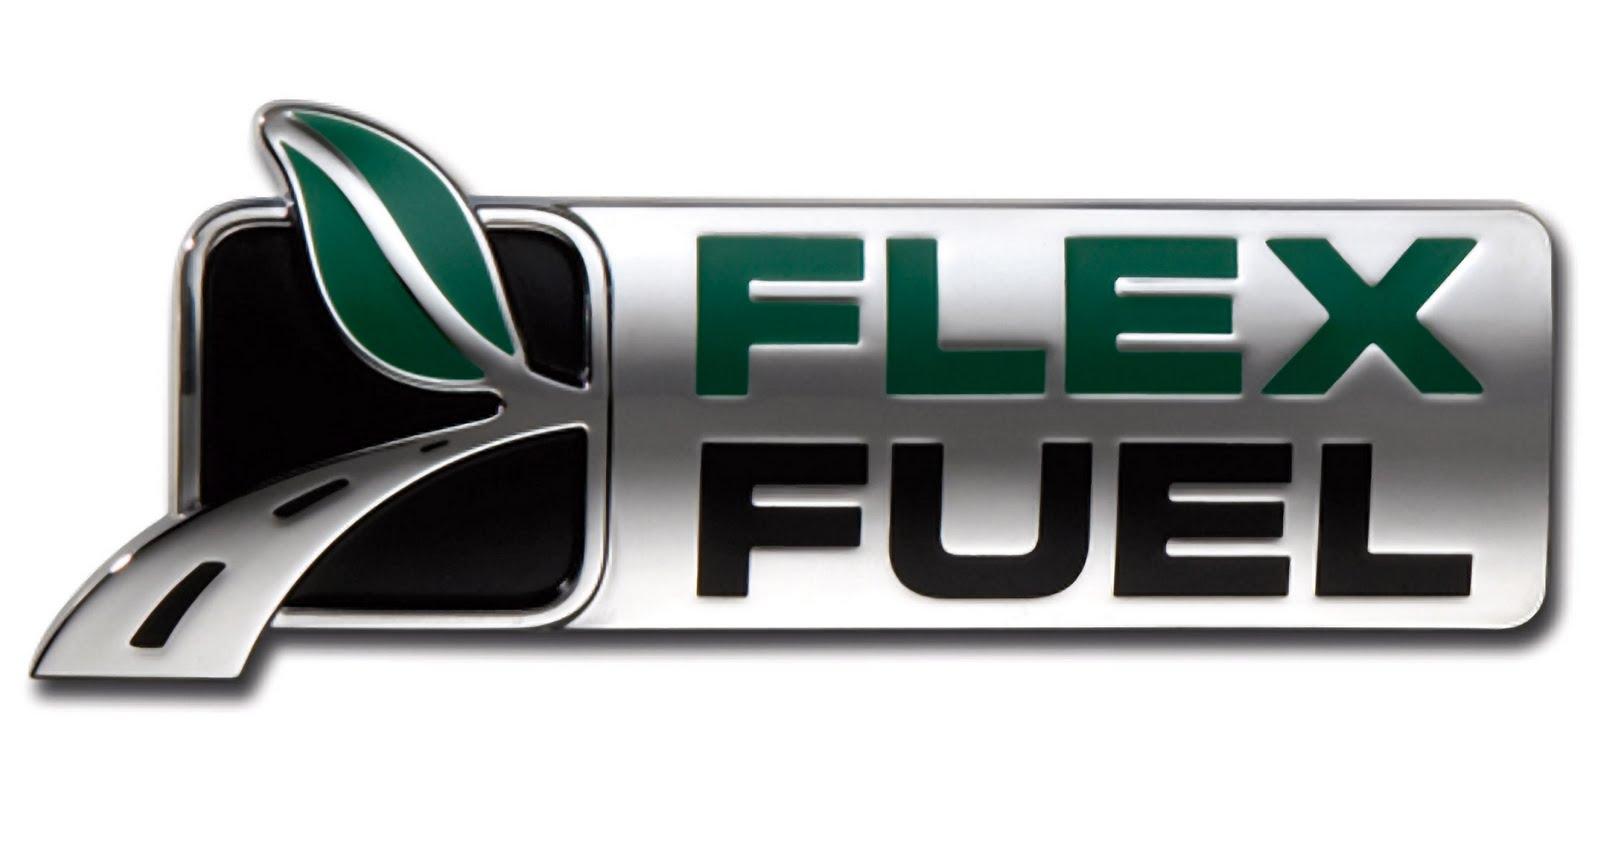 Flexfuel Muutossarja